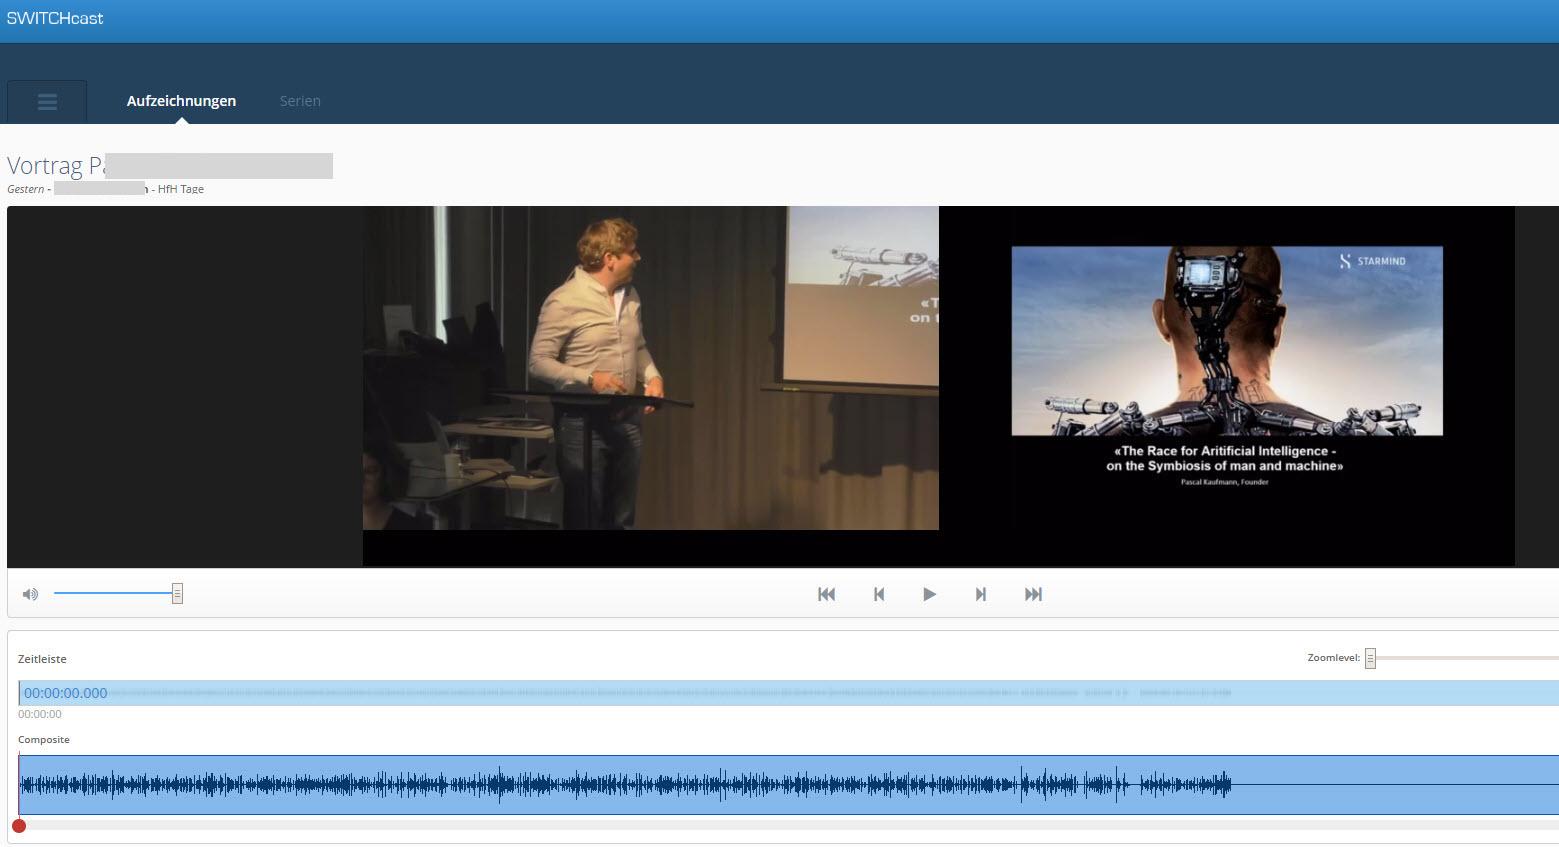 Screenshot SWITCHcast > Aufzeichnungen > schneiden